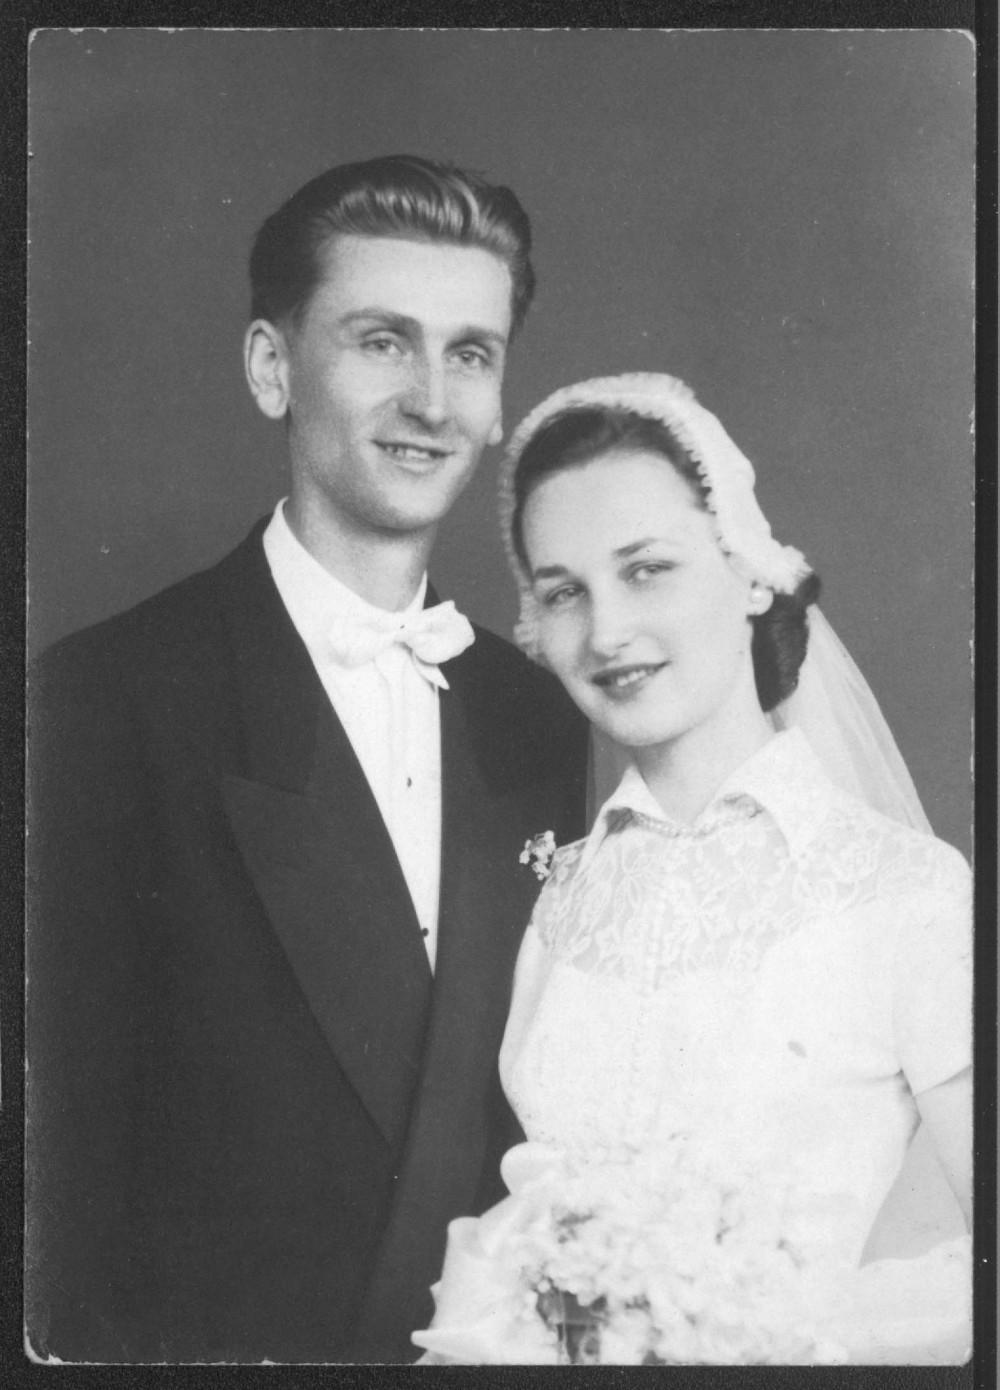 A. Landsbergio ir Joan Florence Jacobi vestuvės. Niujorkas, 1951 m.